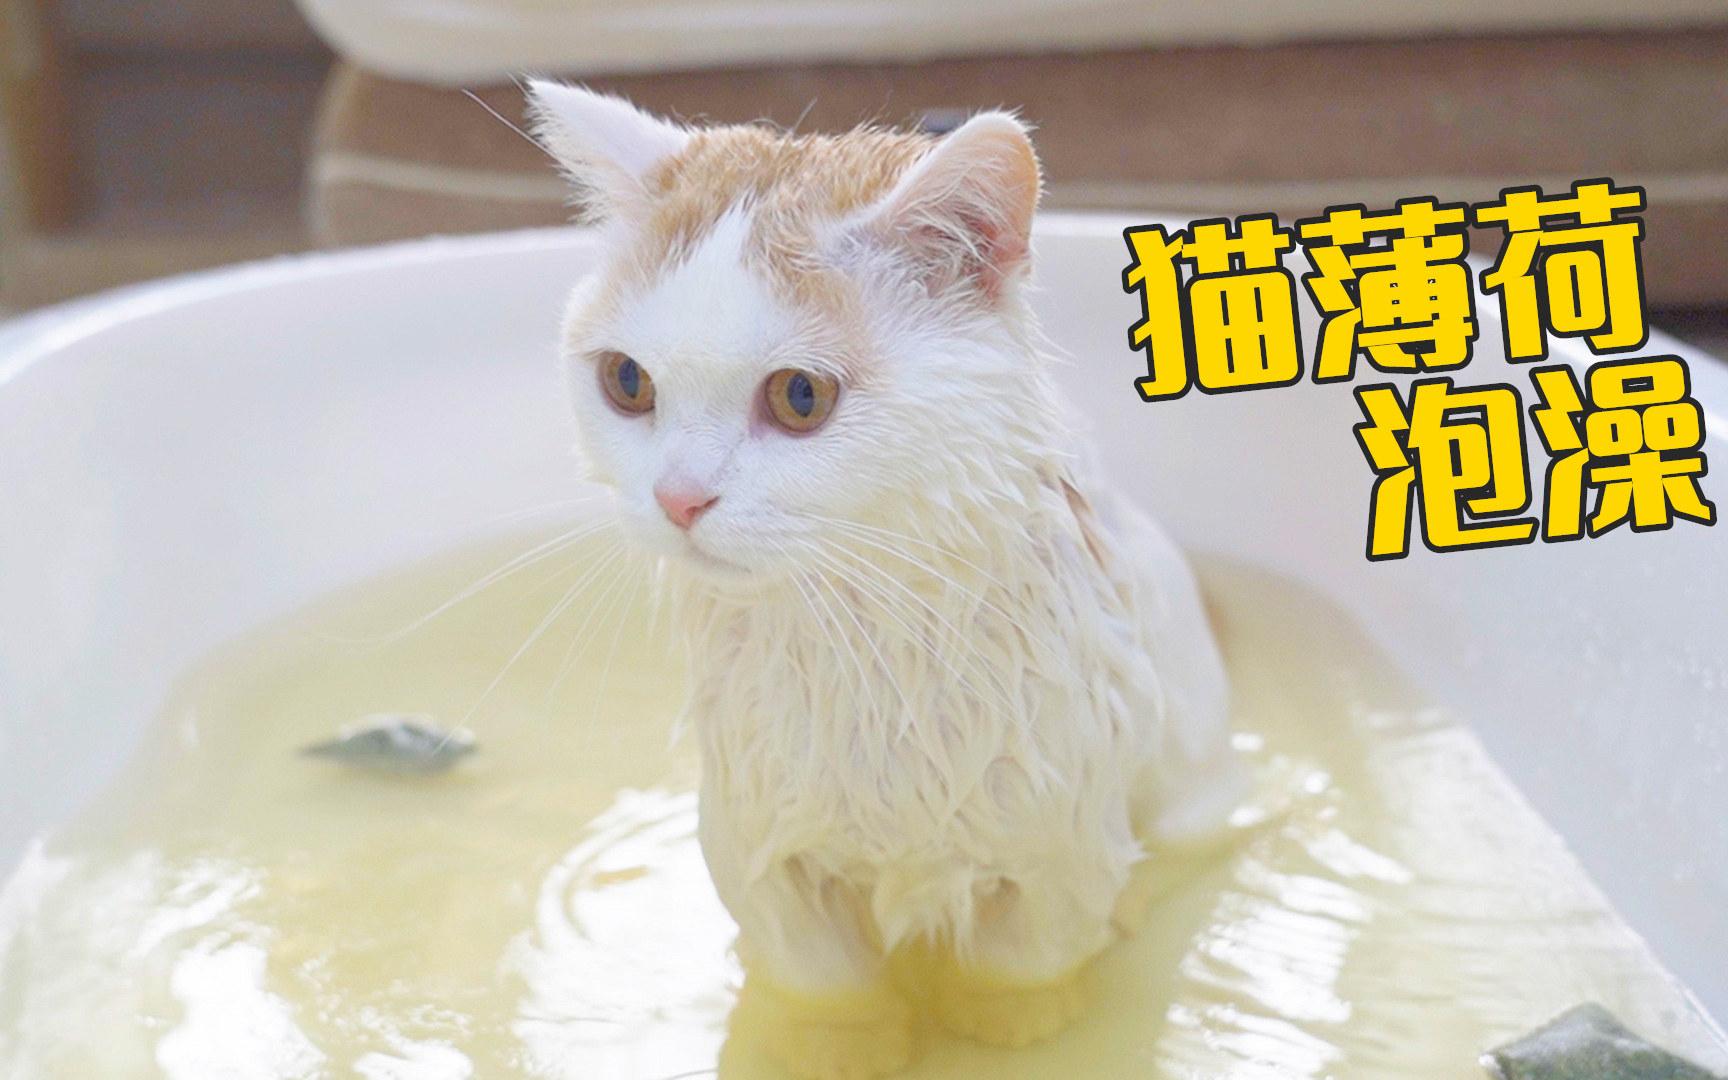 用猫薄荷给猫洗澡,猫居然定住了,好享受!